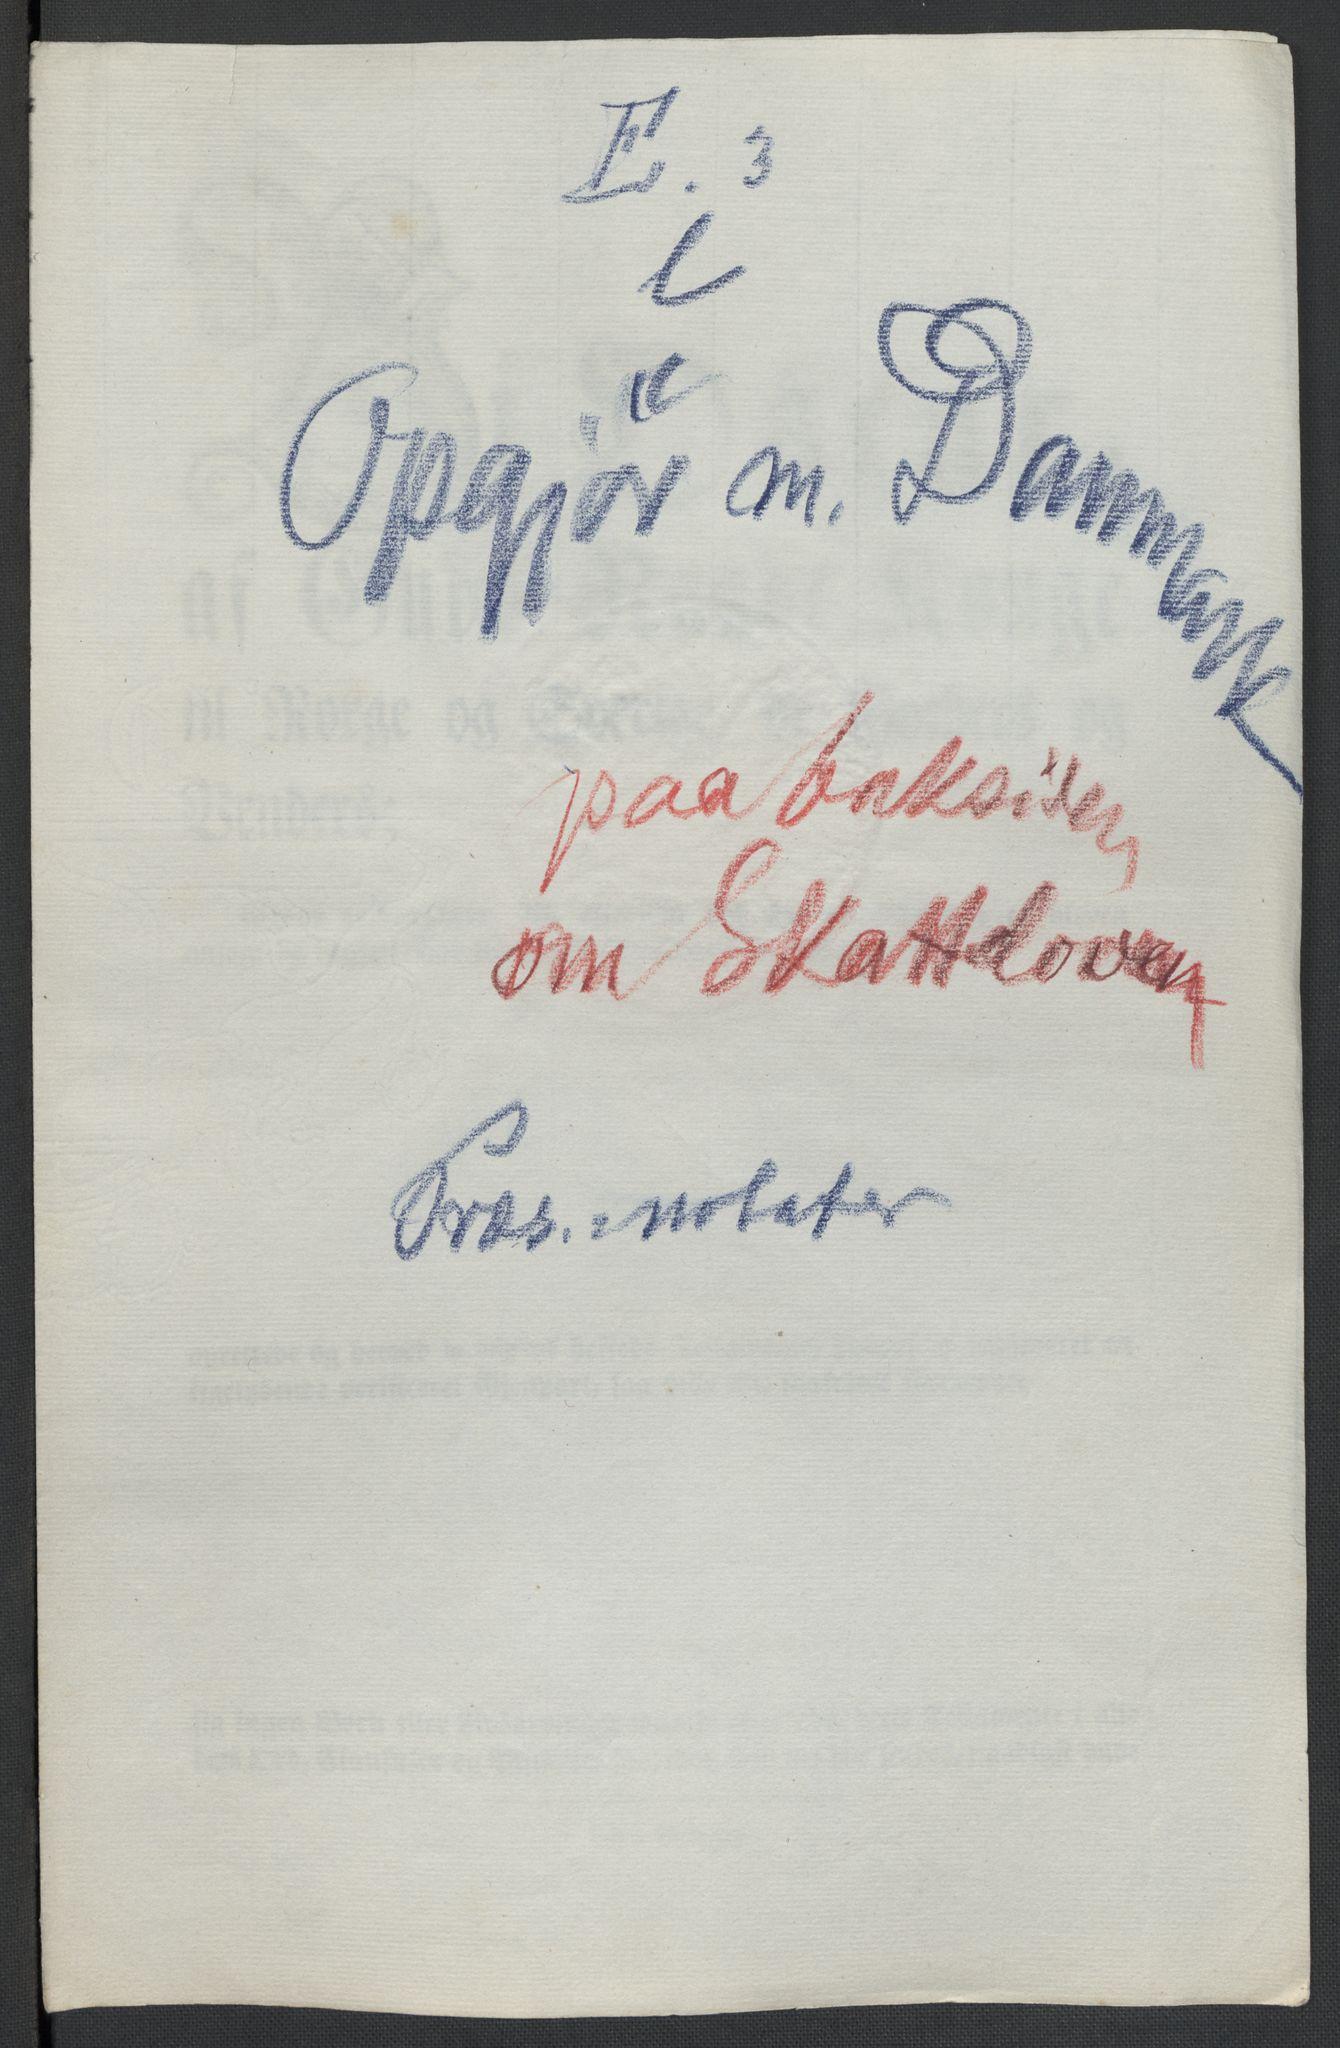 RA, Christie, Wilhelm Frimann Koren, F/L0005, 1815-1816, s. 261